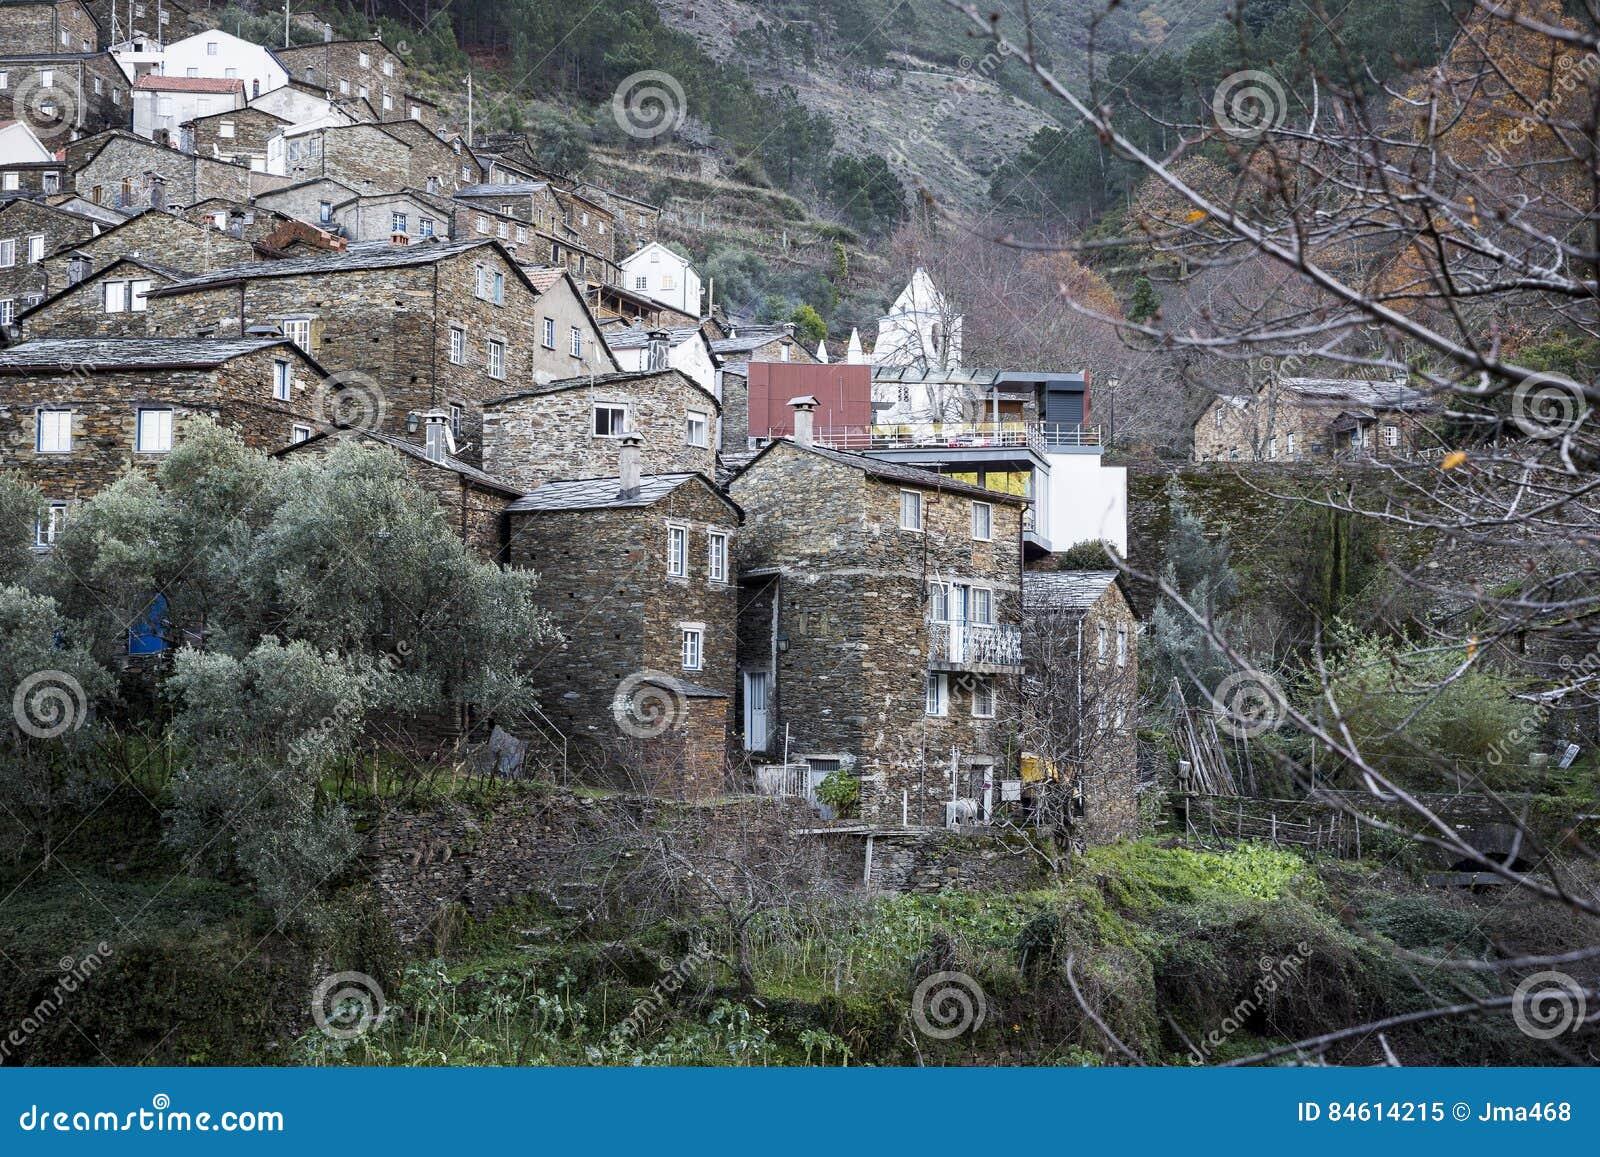 Case In Pietra Antiche : Strutturazione ed adattamento di antiche case in pietra sanel